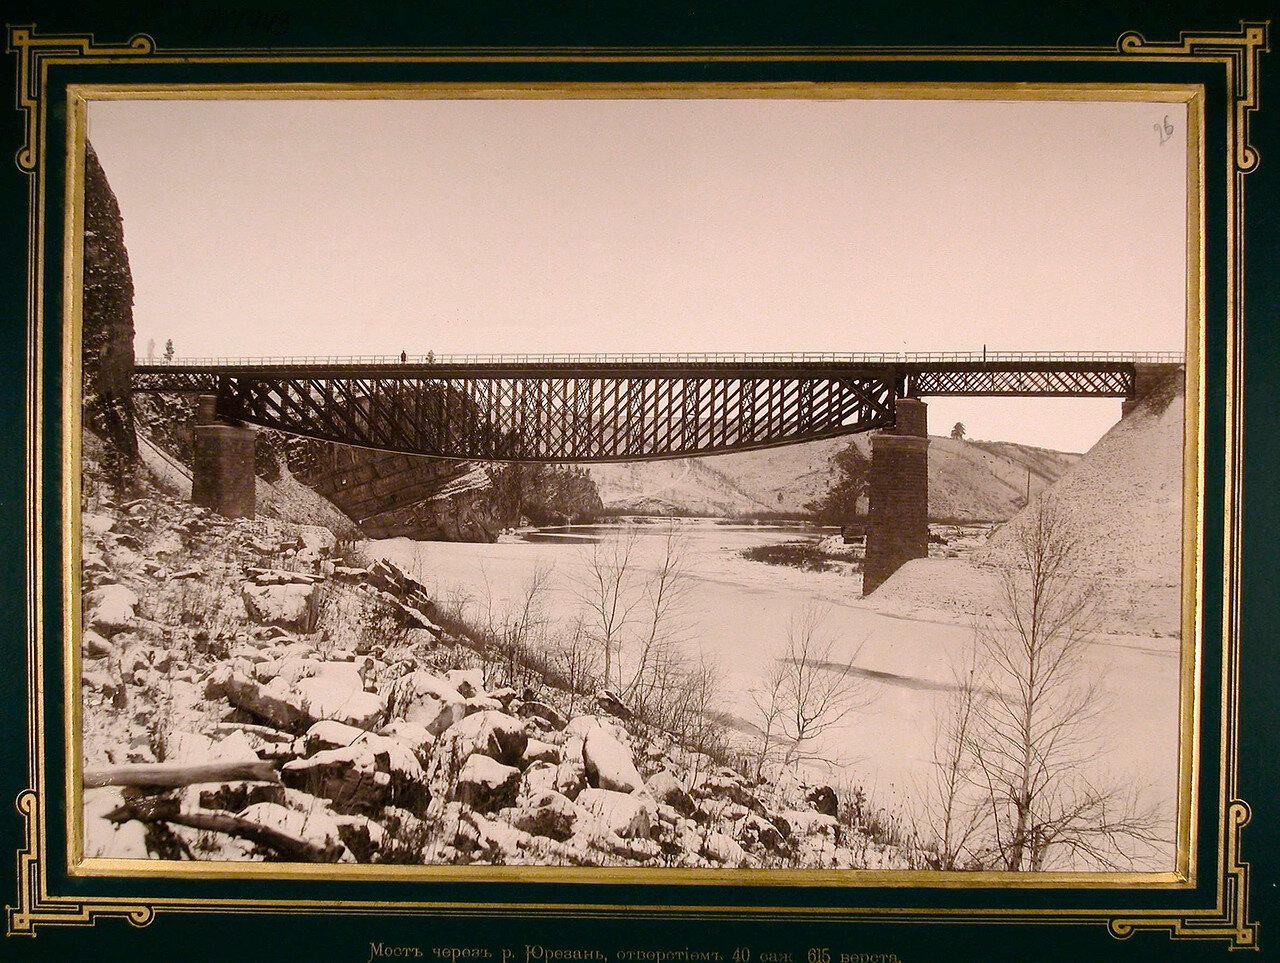 26. Вид железнодорожного моста через реку Юрезань. 615-я верста